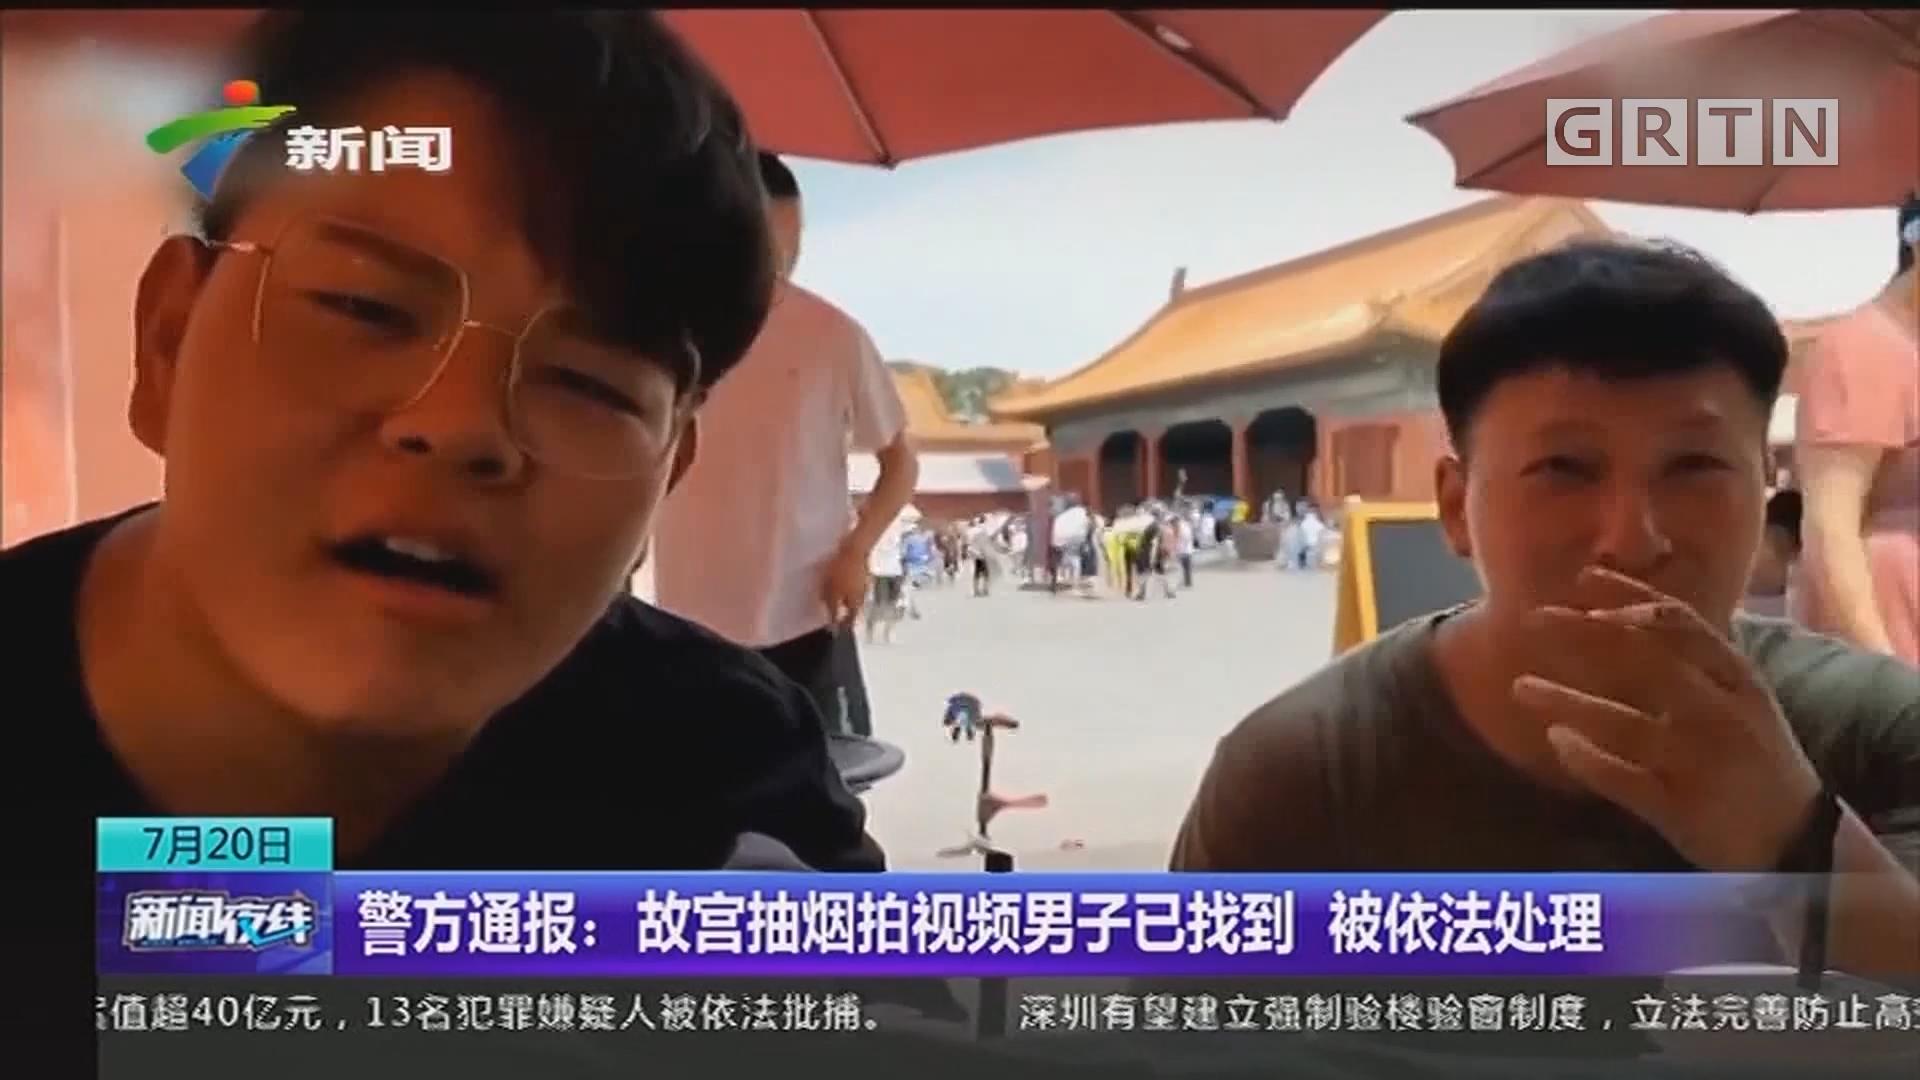 警方通报:故宫抽烟拍视频男子已找到 被依法处理